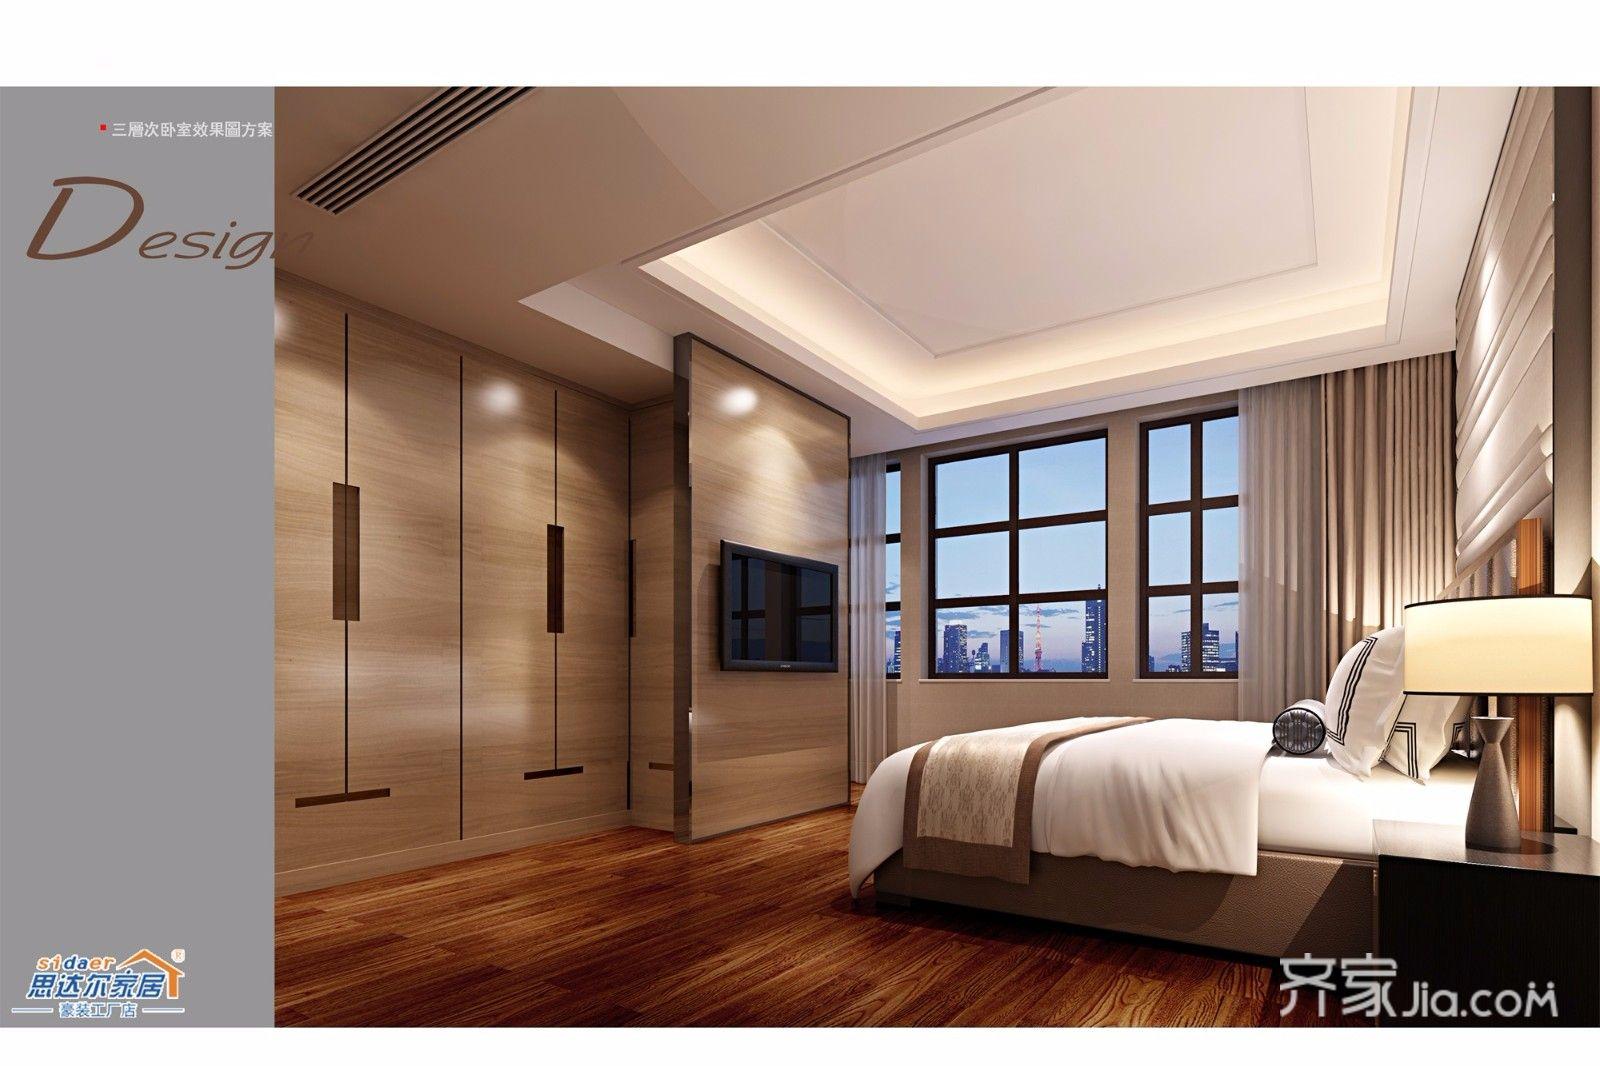 中式别墅设计卧室衣柜图片